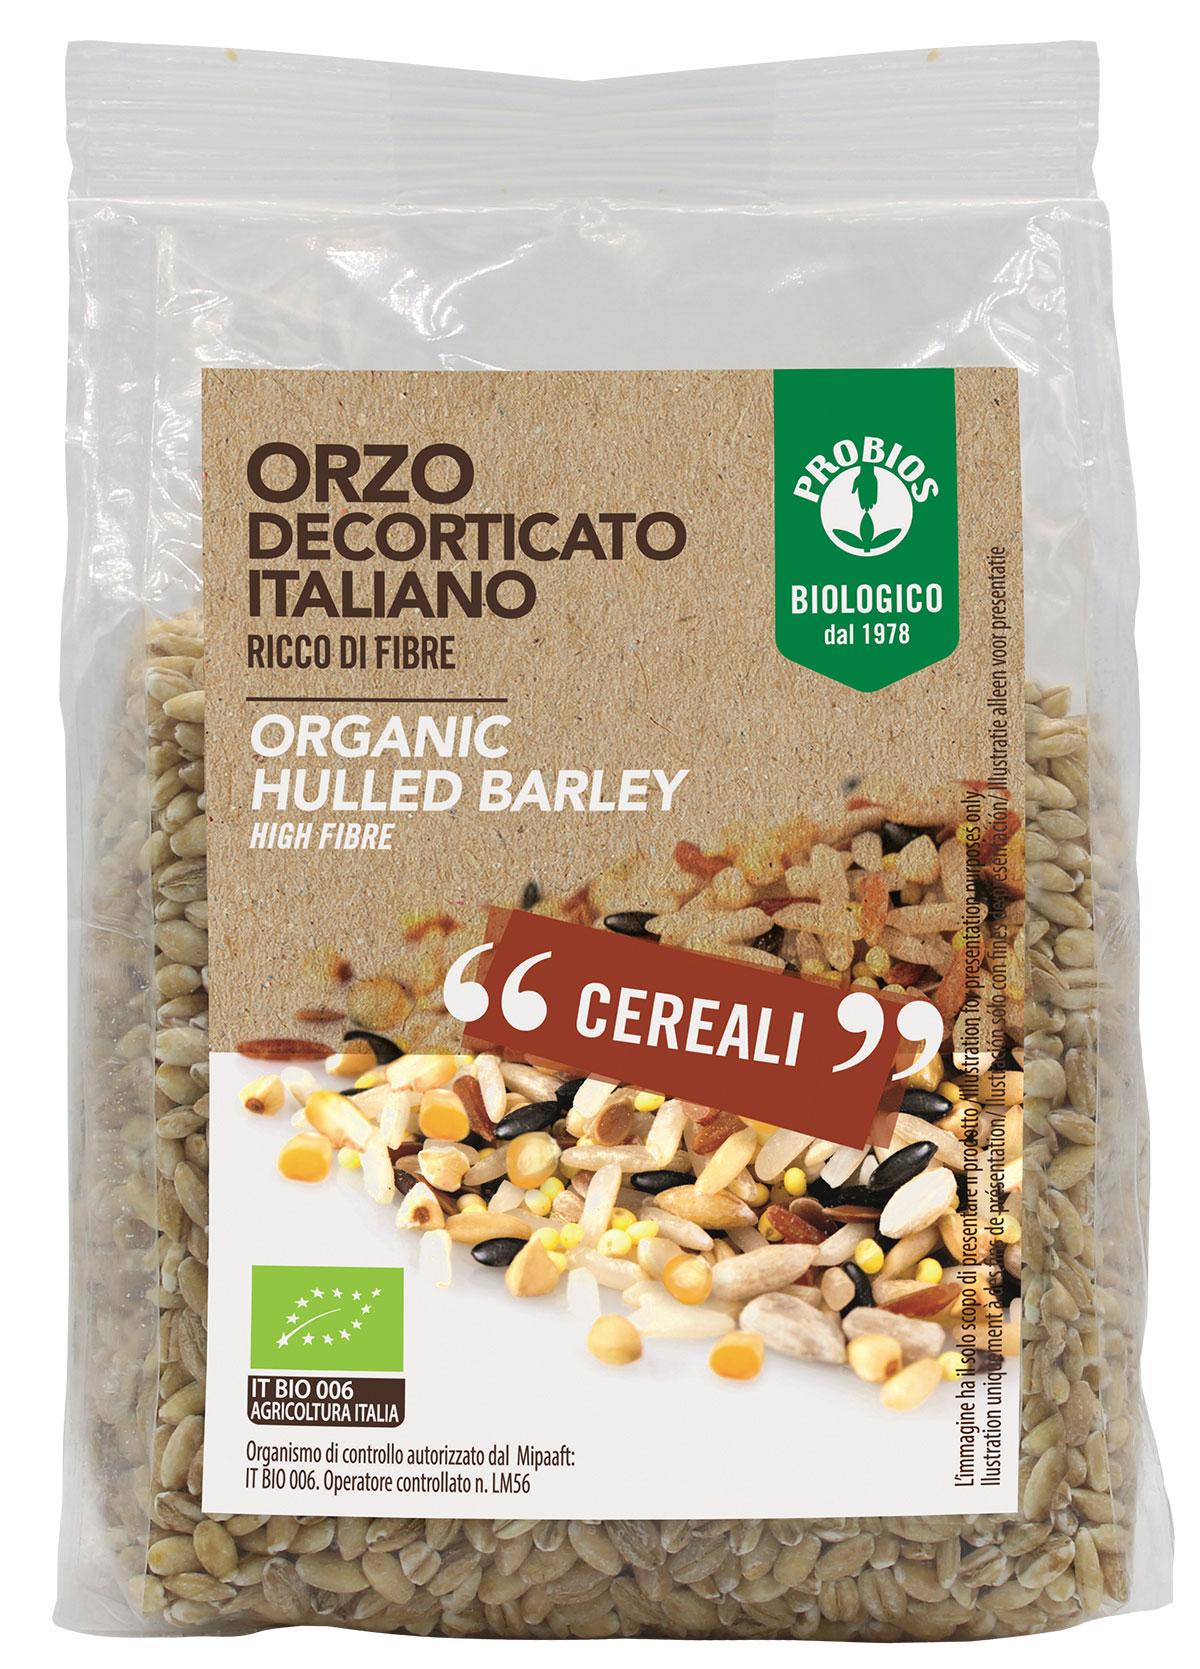 Probios Cereali Orzo Decorticato Biologico 400g